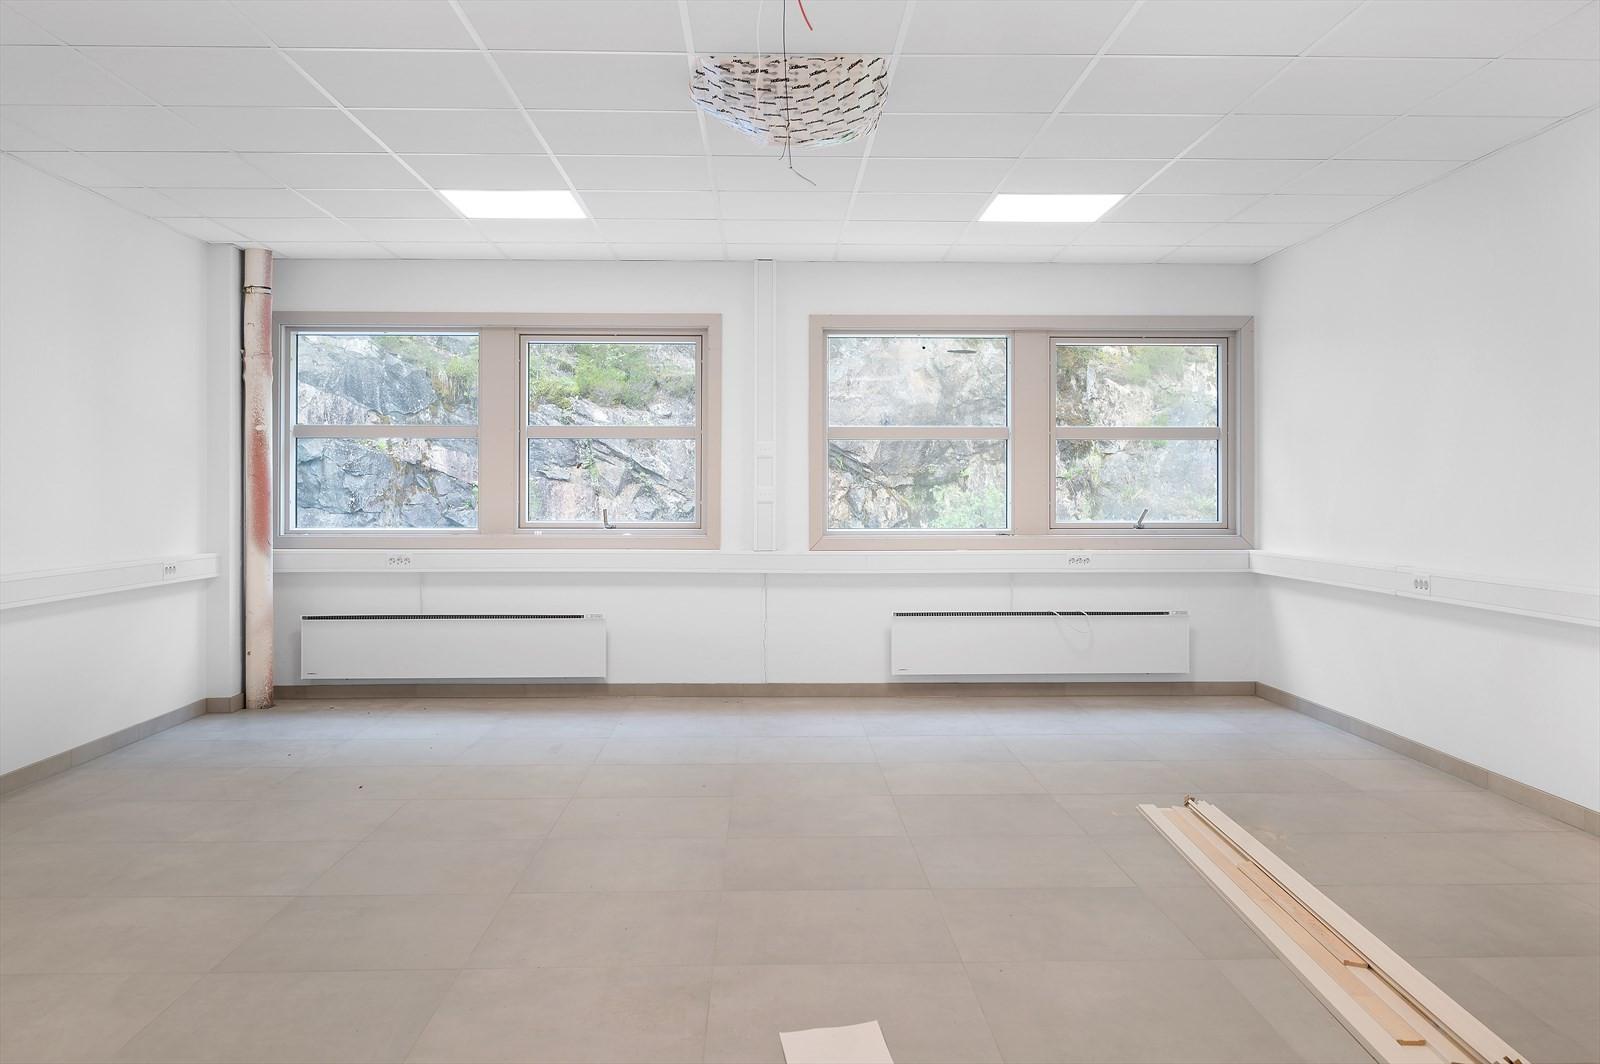 Tilstøtende lokaler er nylig oppgradert med flislagte gulv, lyse overflater og himling med flott belysning. Ledige lokaler kan tilpasses leietaker kravspesifikasjoner.